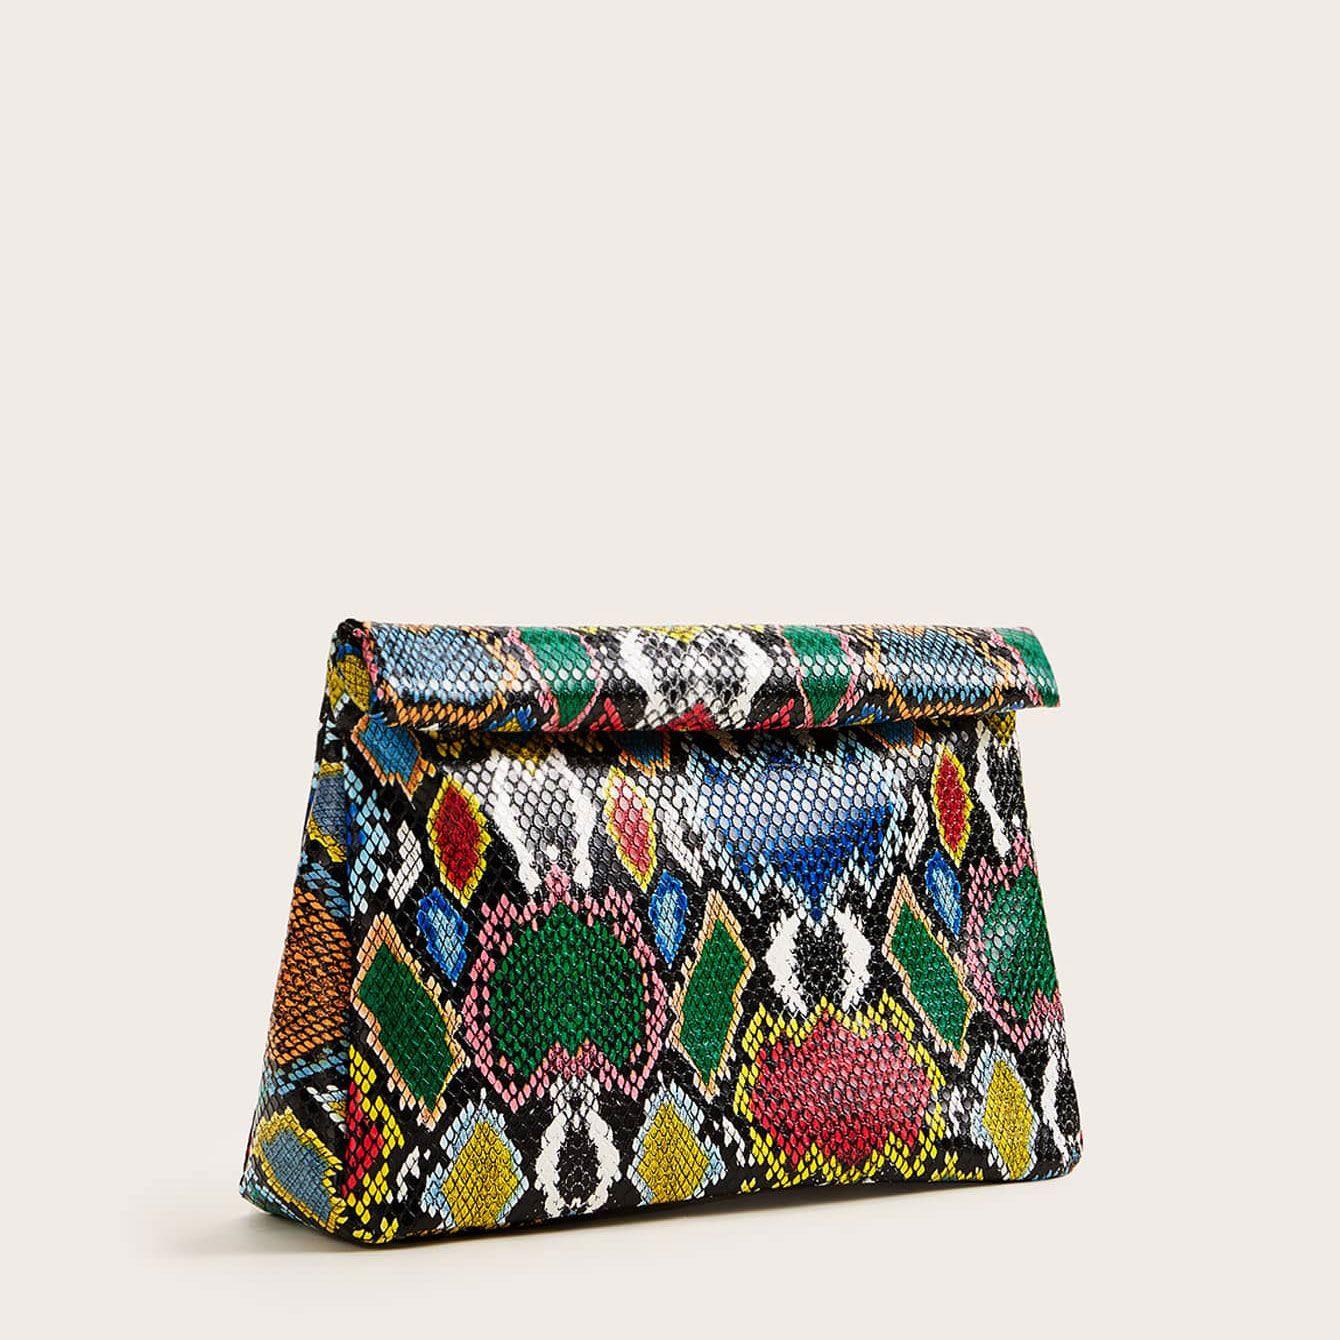 حقائب جديدة 180953 اكسوارات شنط حقائب فاشن ستايل موضة بنات أسلوب كل يوم موضة Minimalist Accessories Bags Pattern